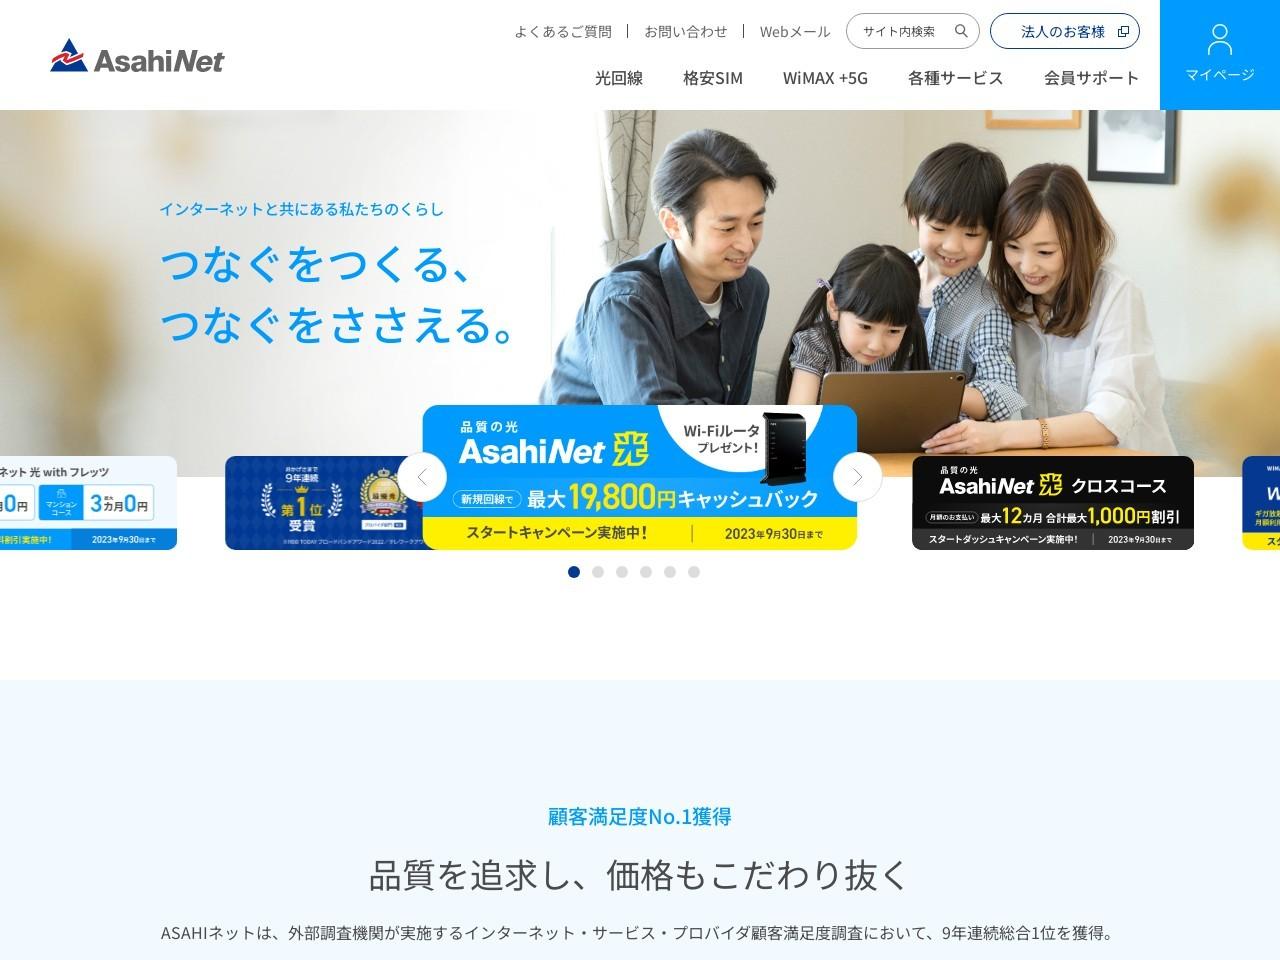 http://www.ne.jp/asahi/join/hami-s-room/voldt3.htm